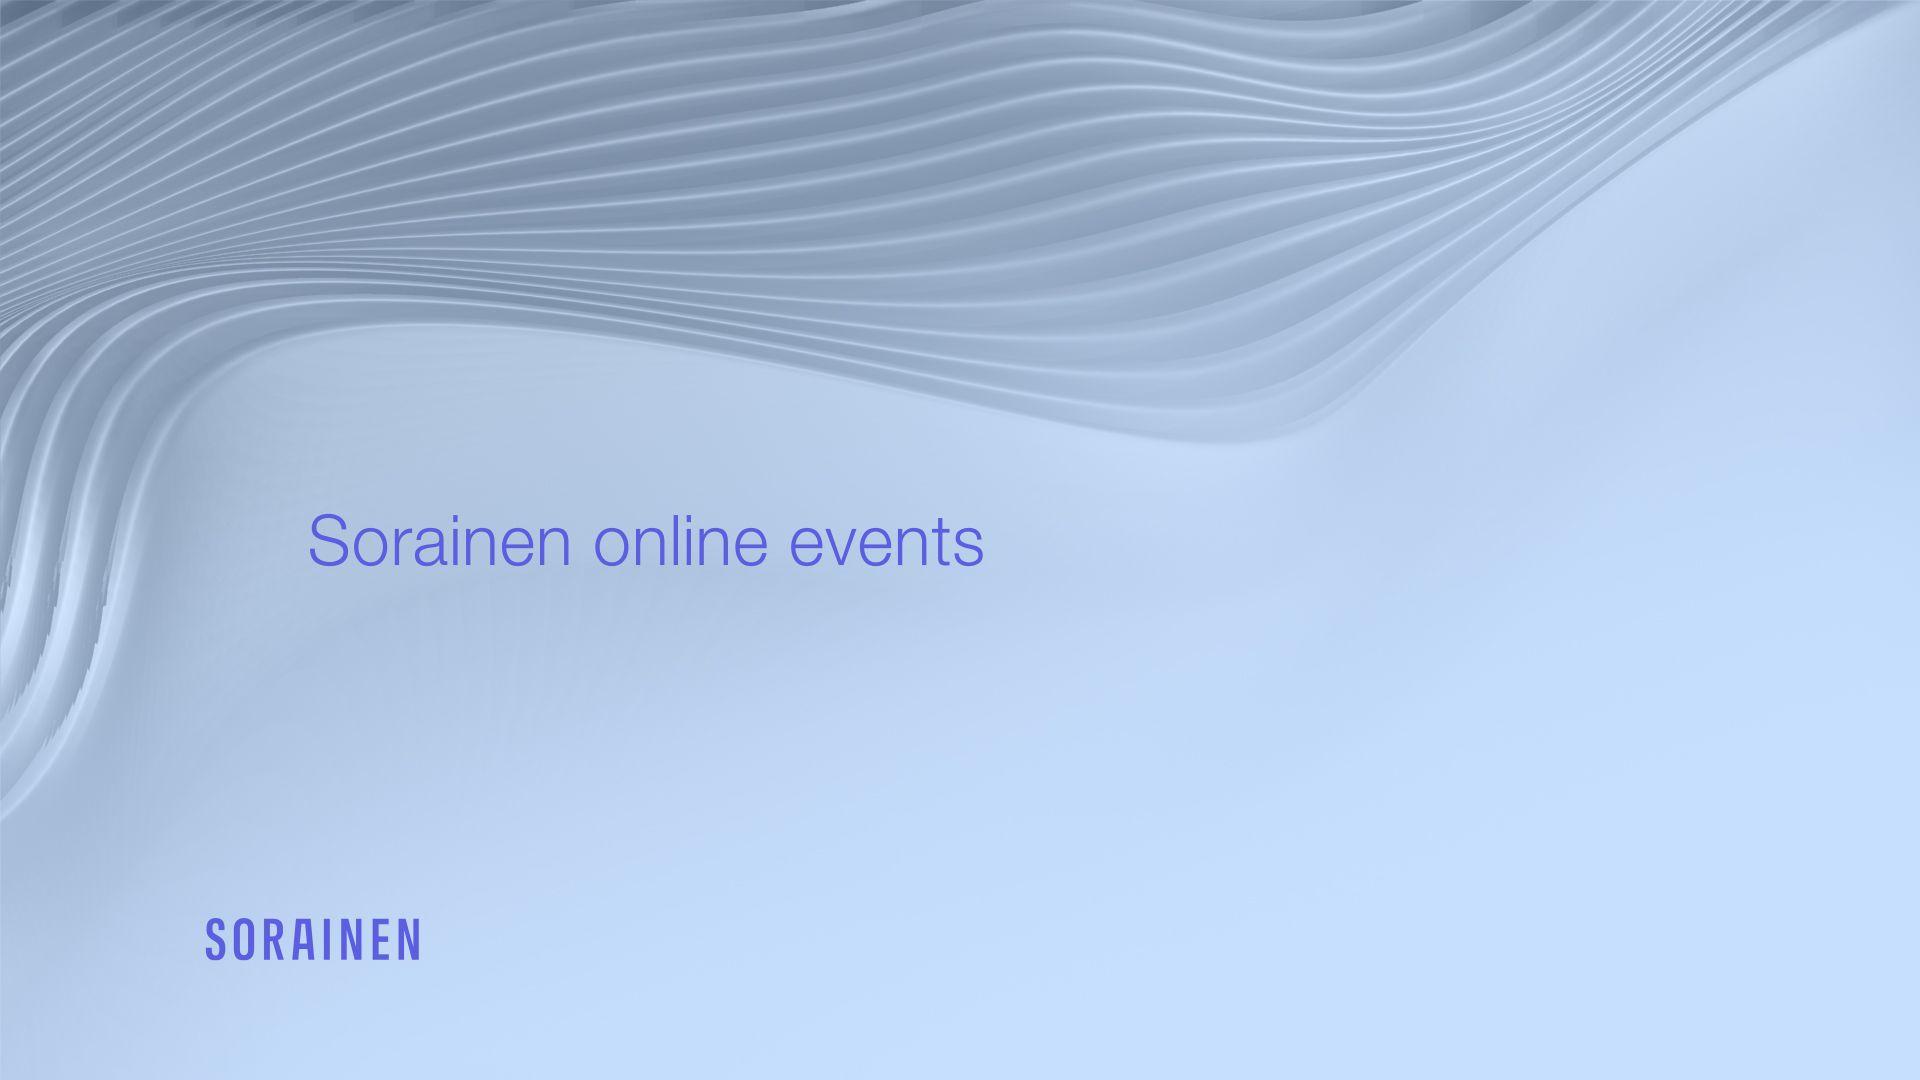 sorainen animatsioon pilt 1